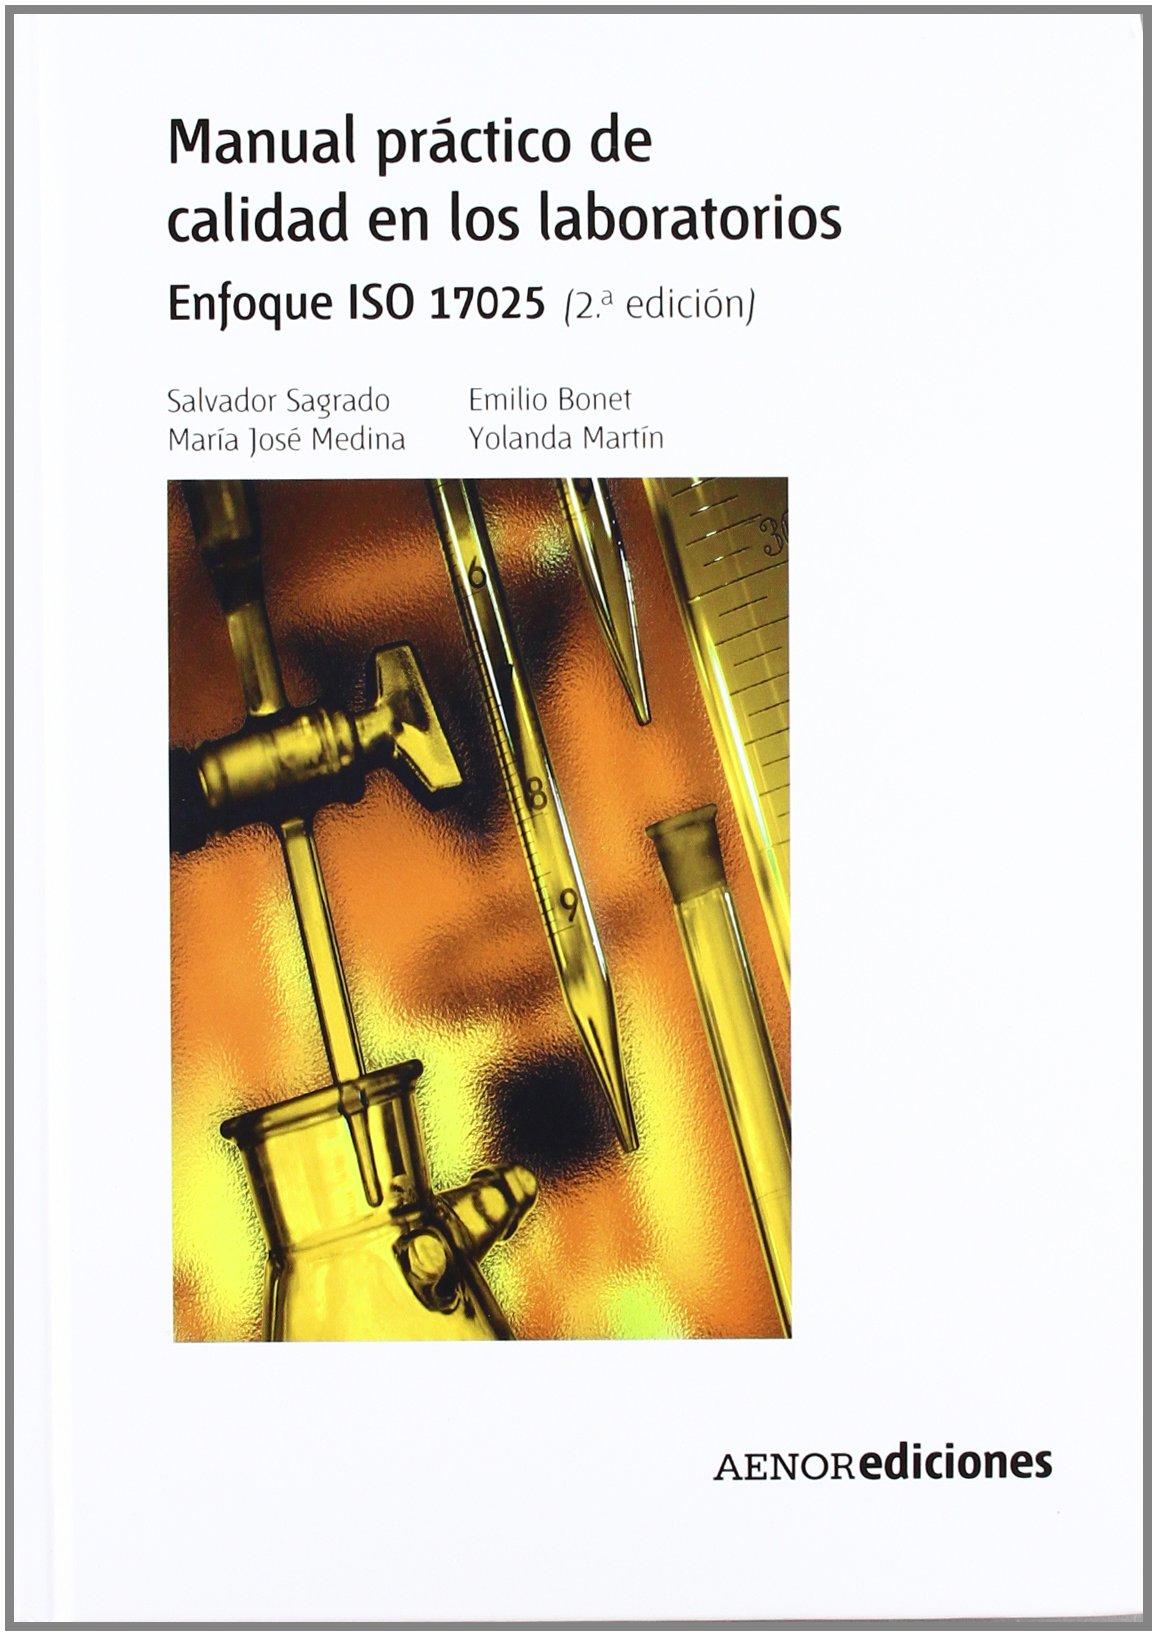 Manual pr?ctico de calidad en los laboratorios. Enfoque ISO 17025. 2.?  edici?n: Amazon.co.uk: María José Medina, Emilio Bonet, Yolanda Martín  Salvador ...